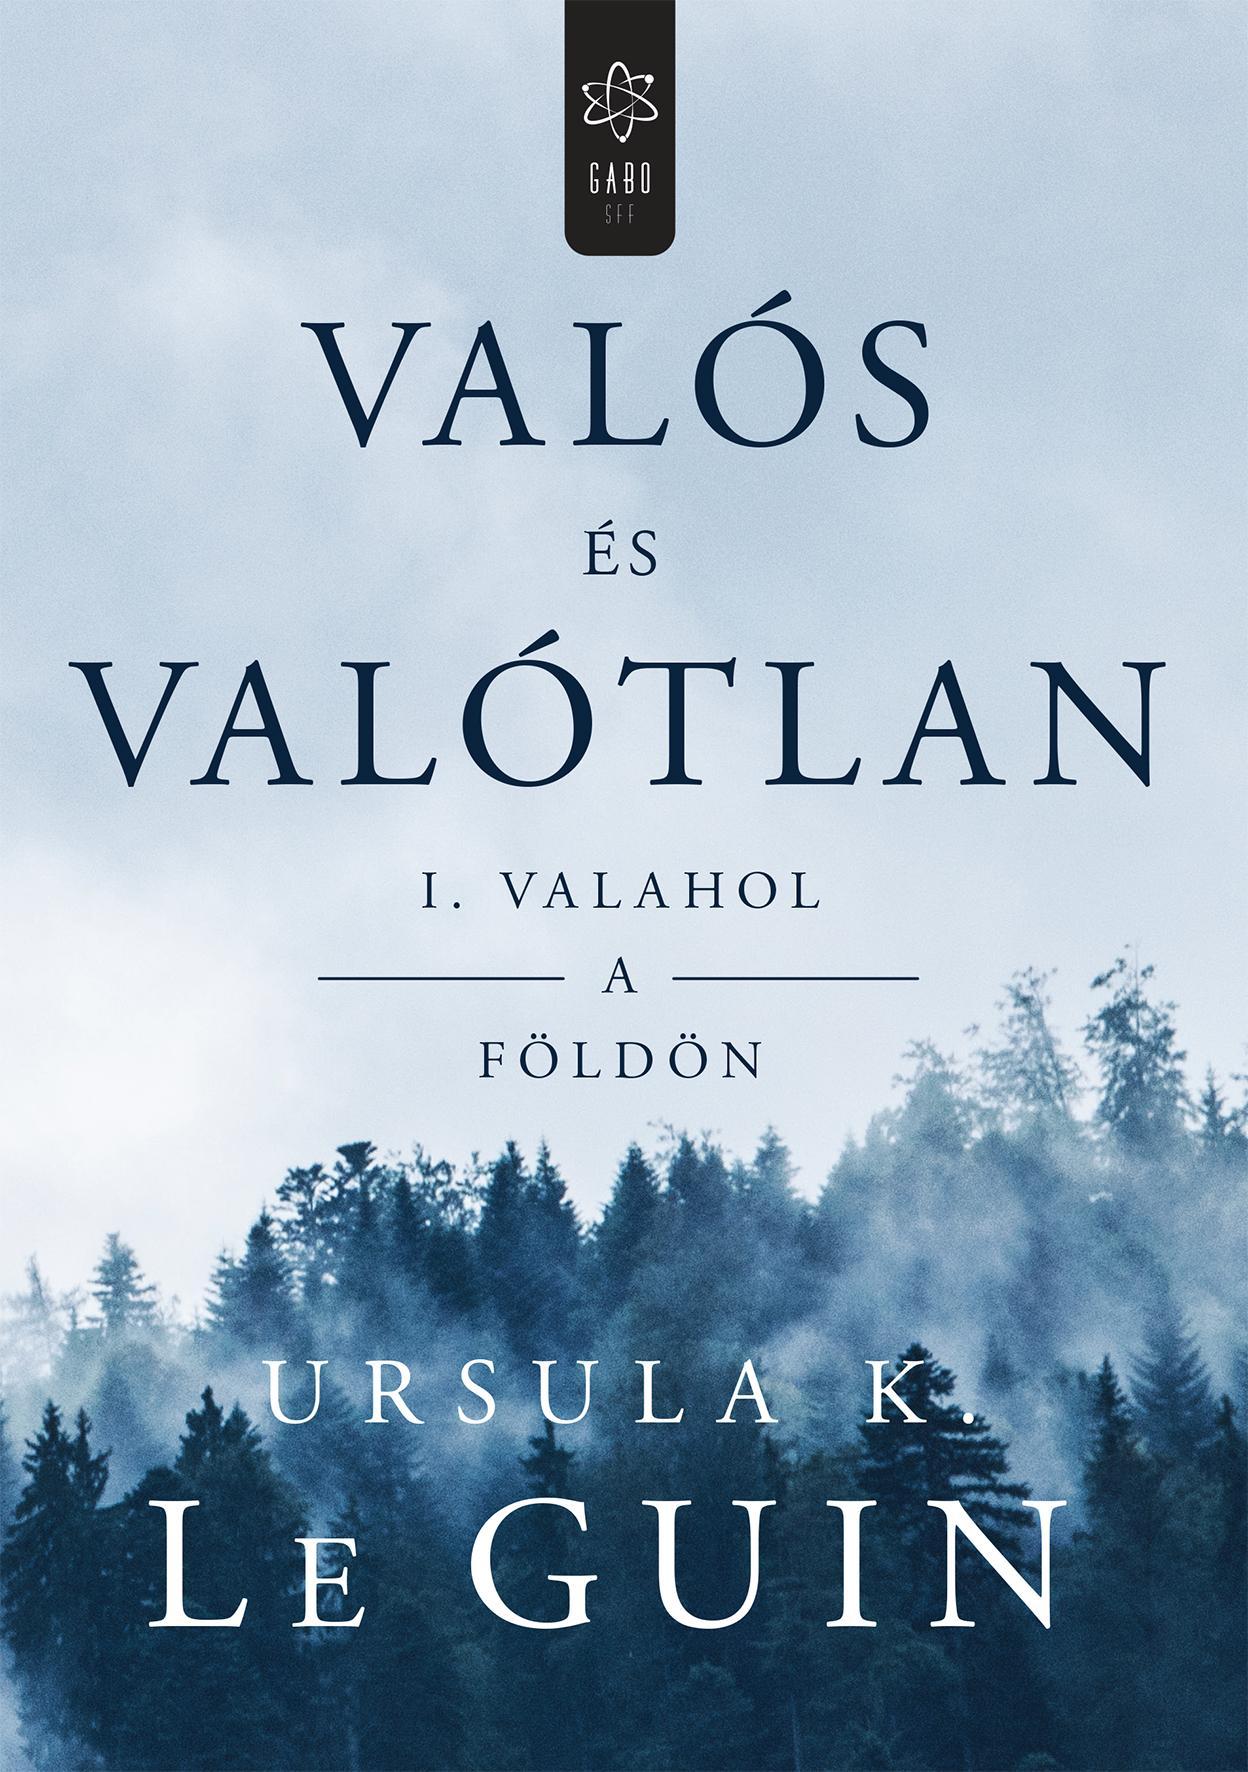 ursula_le_guin01_valos_es_valotlan1.jpg